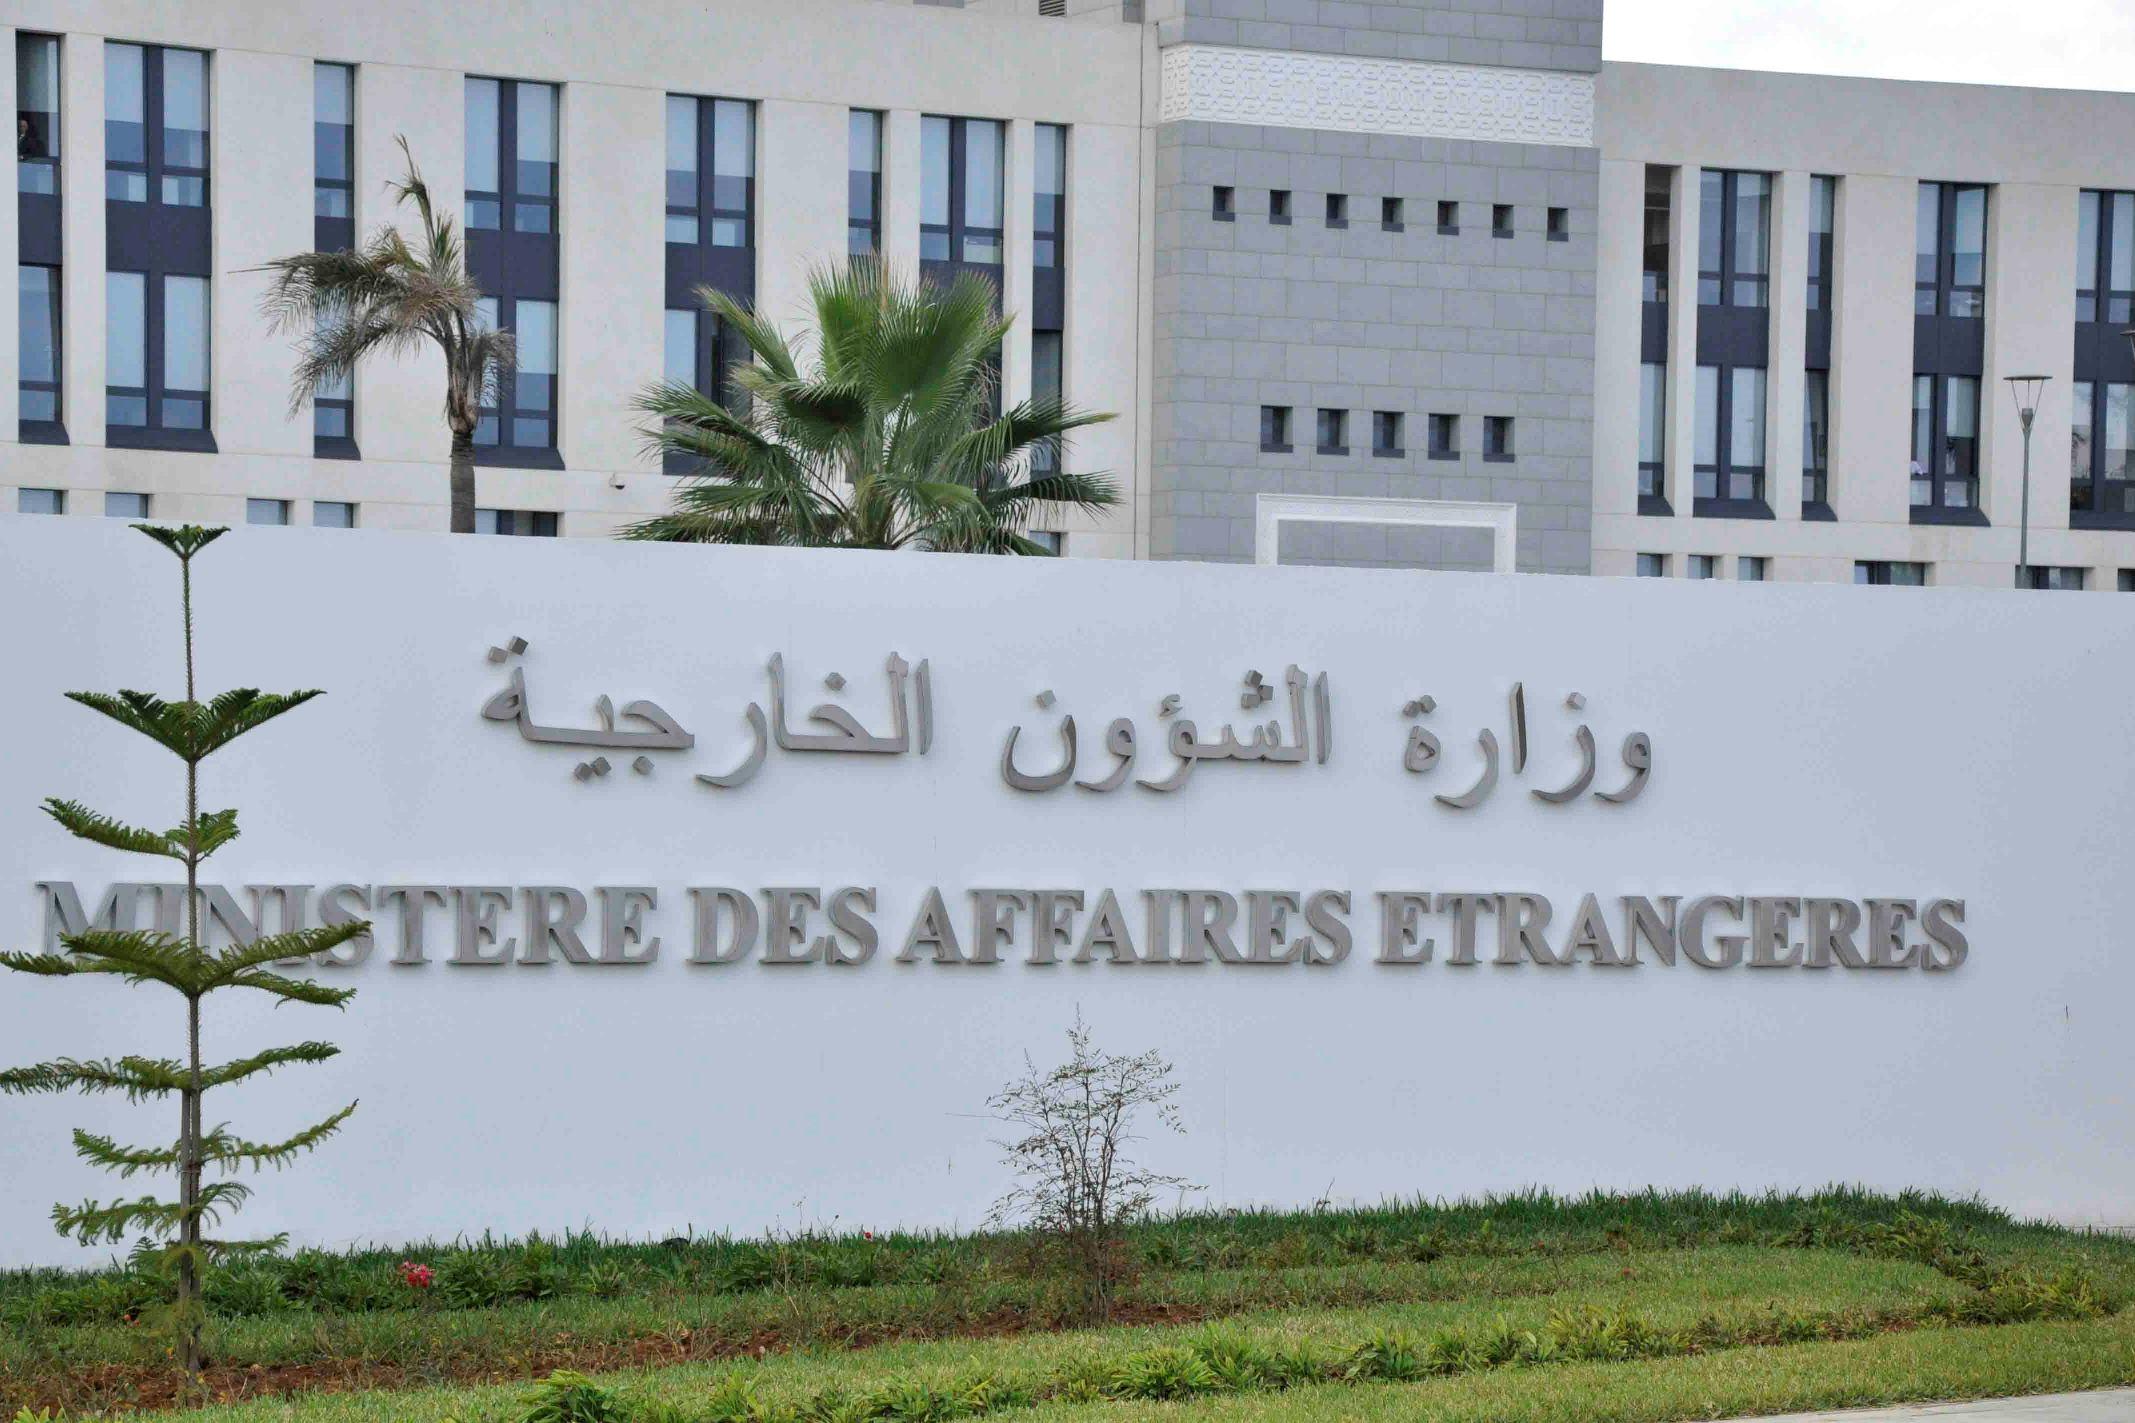 Création prochaine de postes d'envoyés spéciaux et 70 autres consulaires : L'Algérie compte muscler sa diplomatie - Algérie